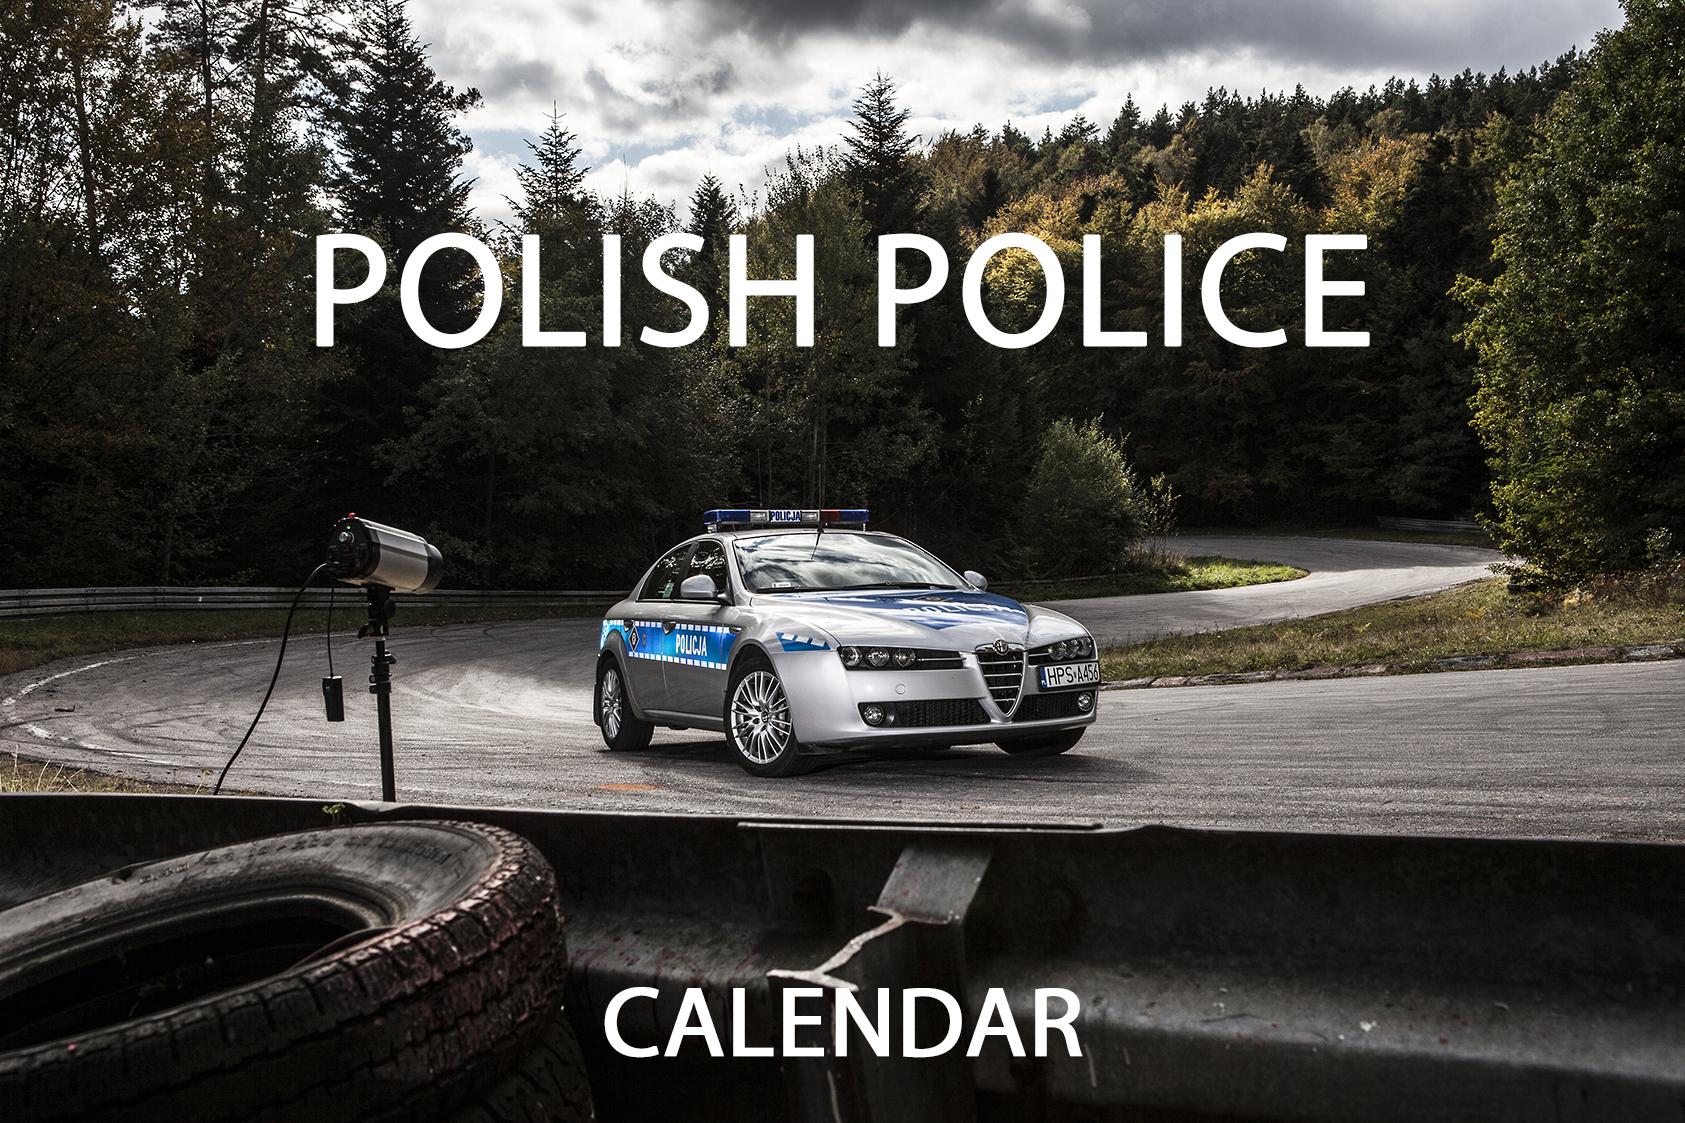 Polish Police